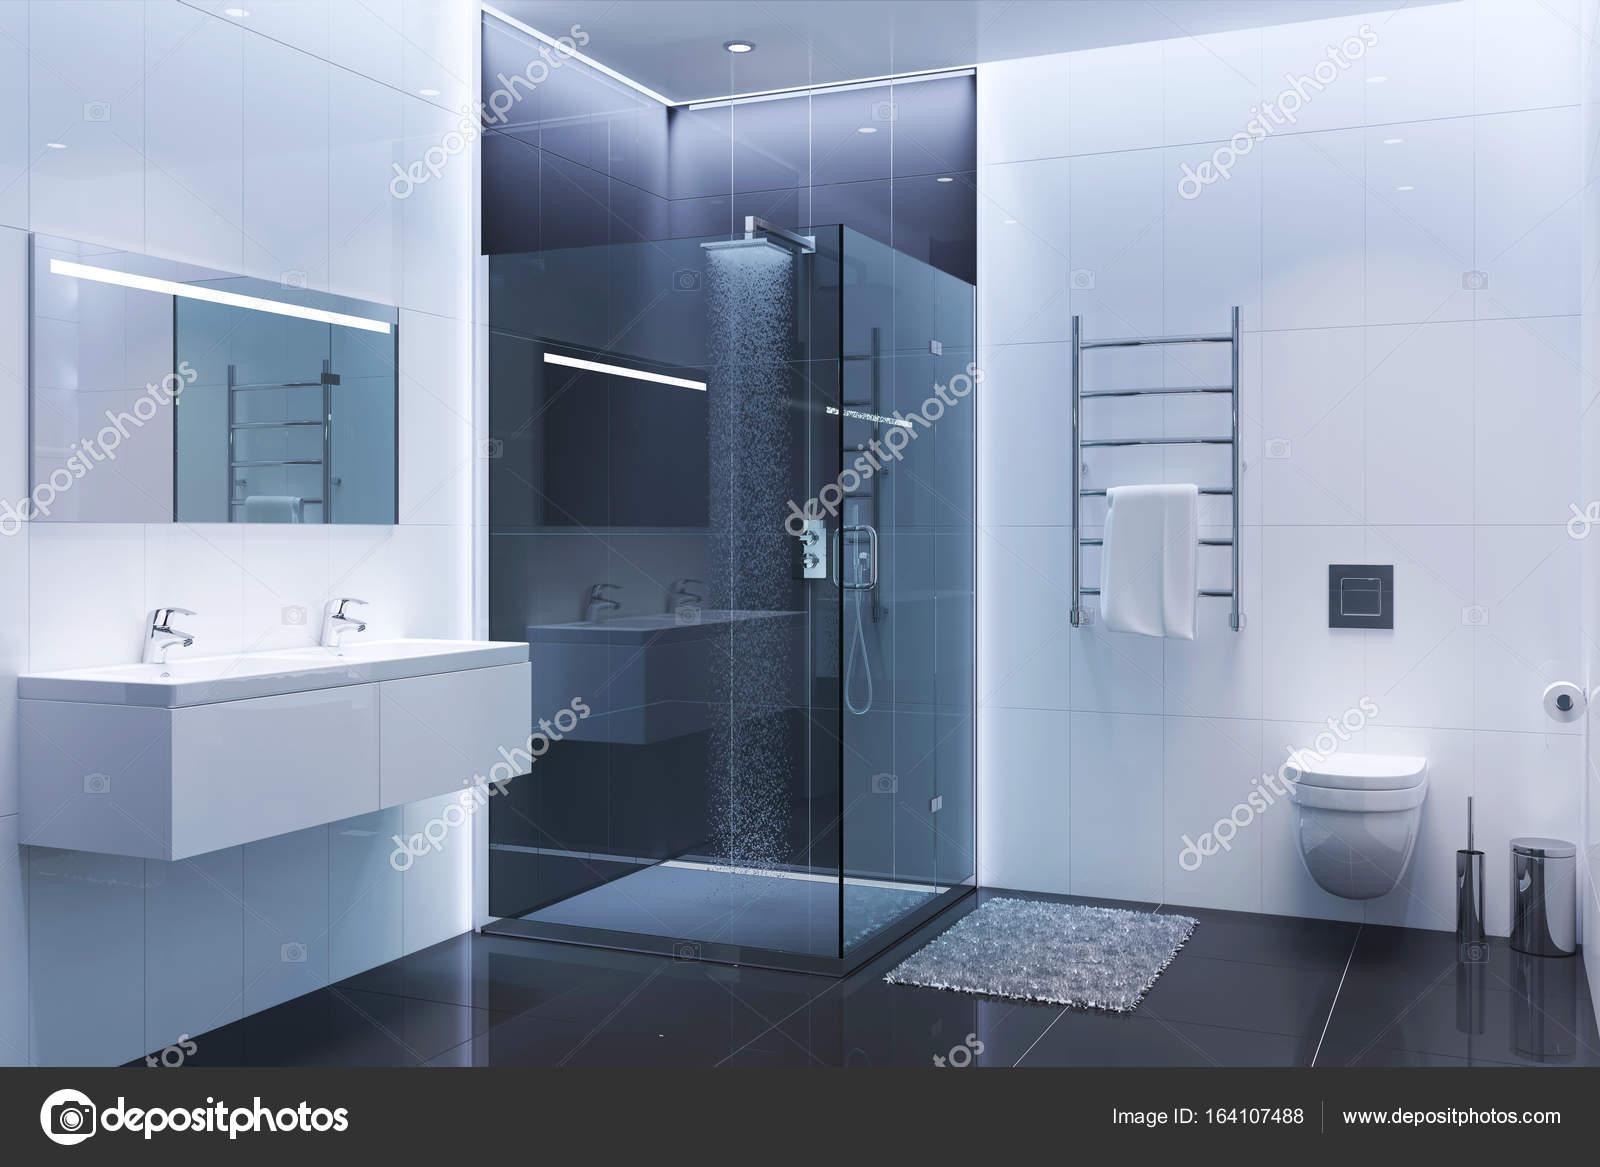 schwarz / weiß moderne dusche am abend — stockfoto © gamespiritlife